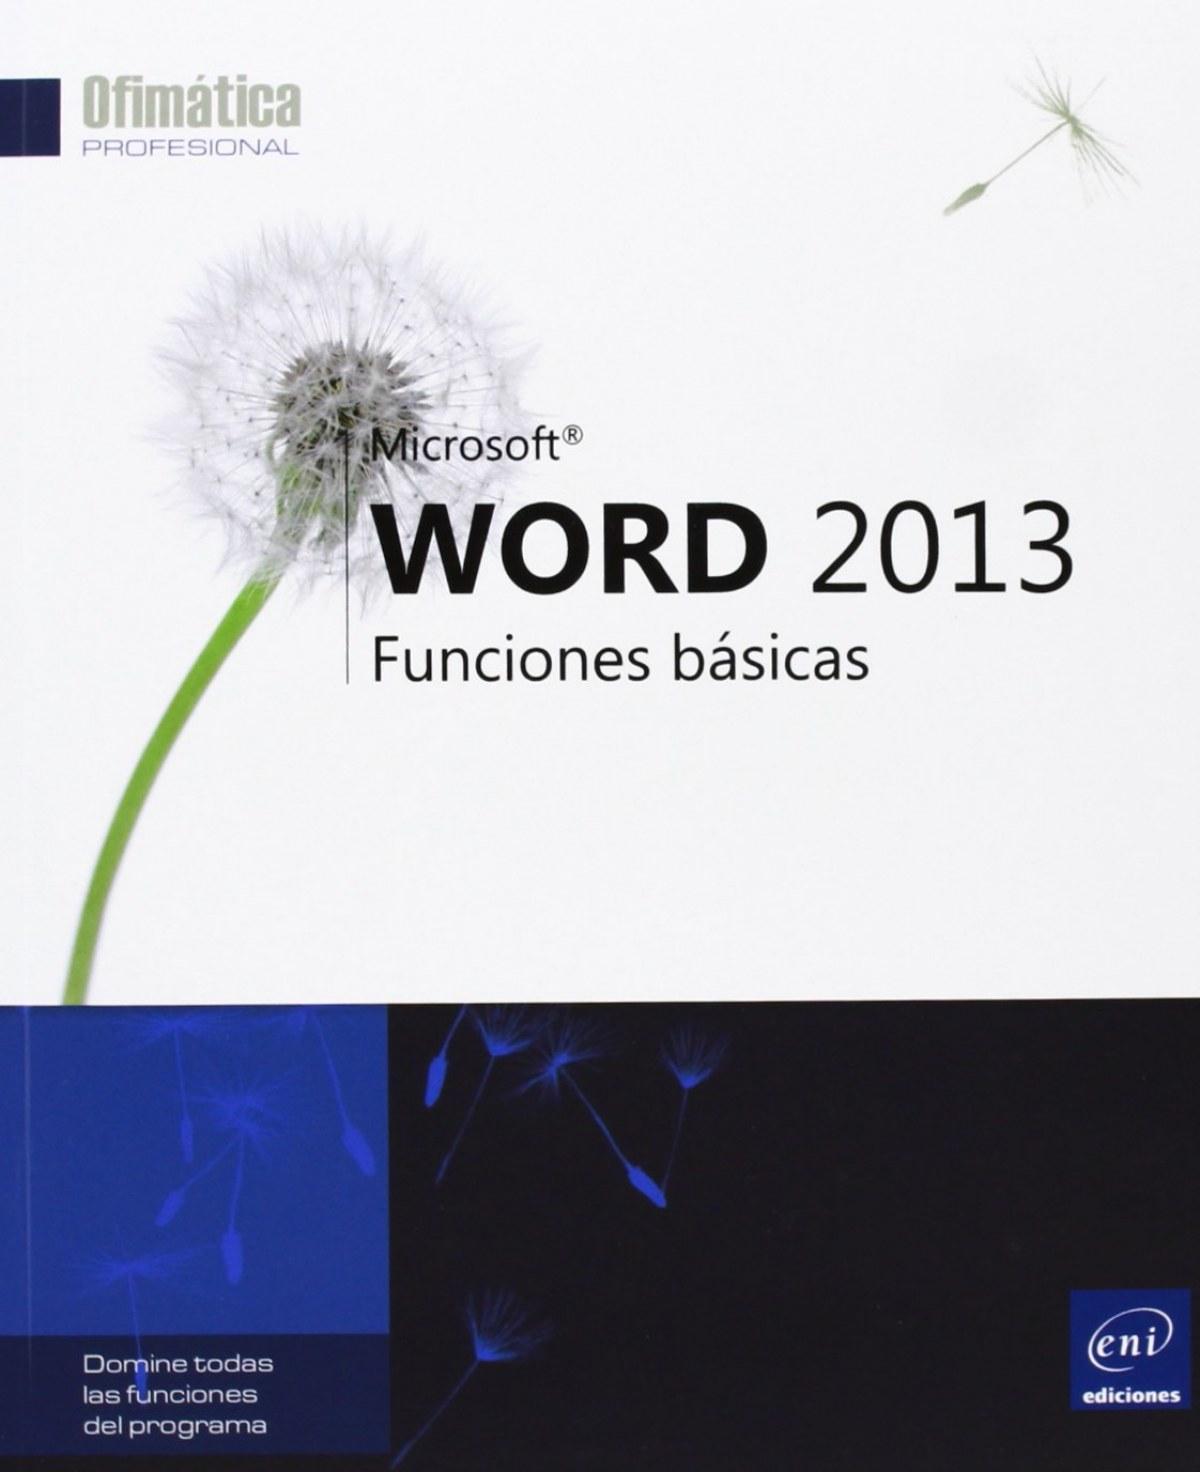 Ofimática Prof. Word 2013 - Funciones básicas